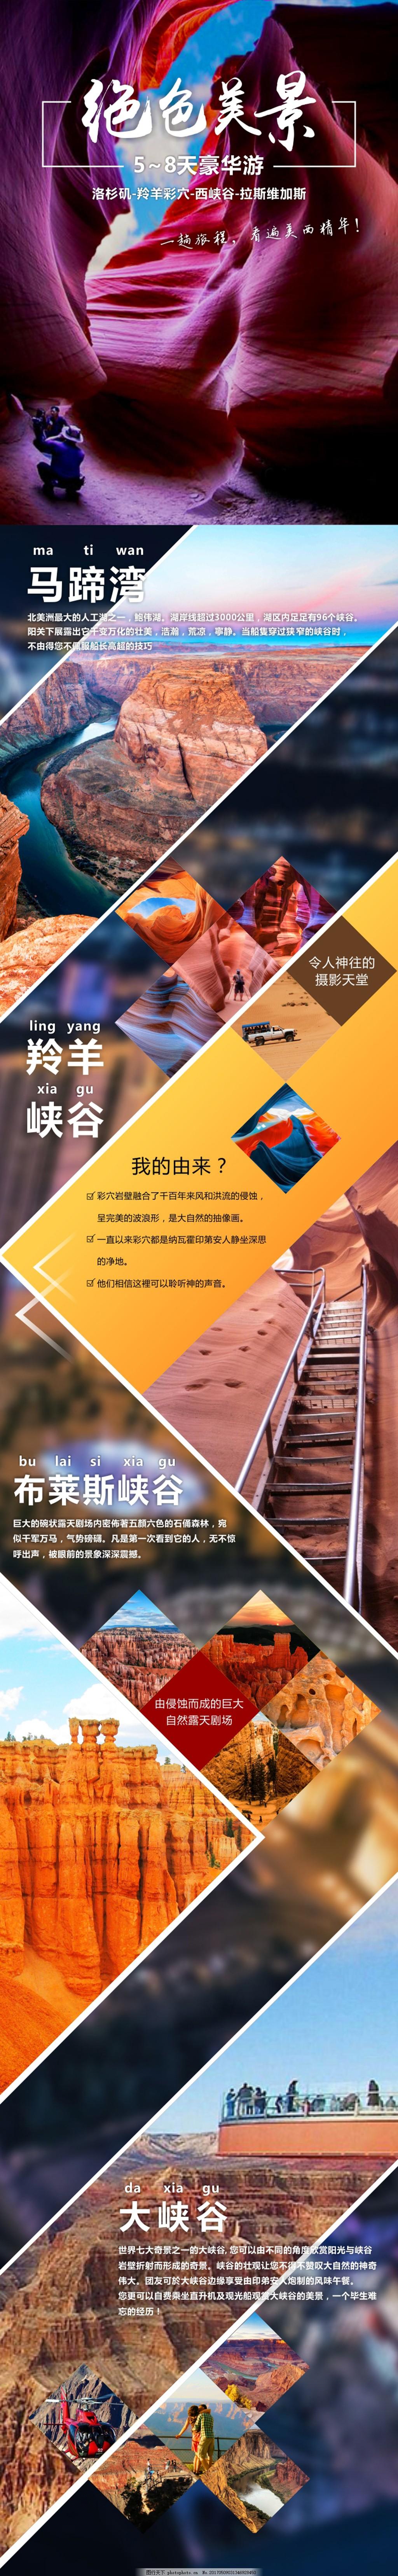 美国羚羊峡谷淘宝详情页 美国旅游淘宝详情页